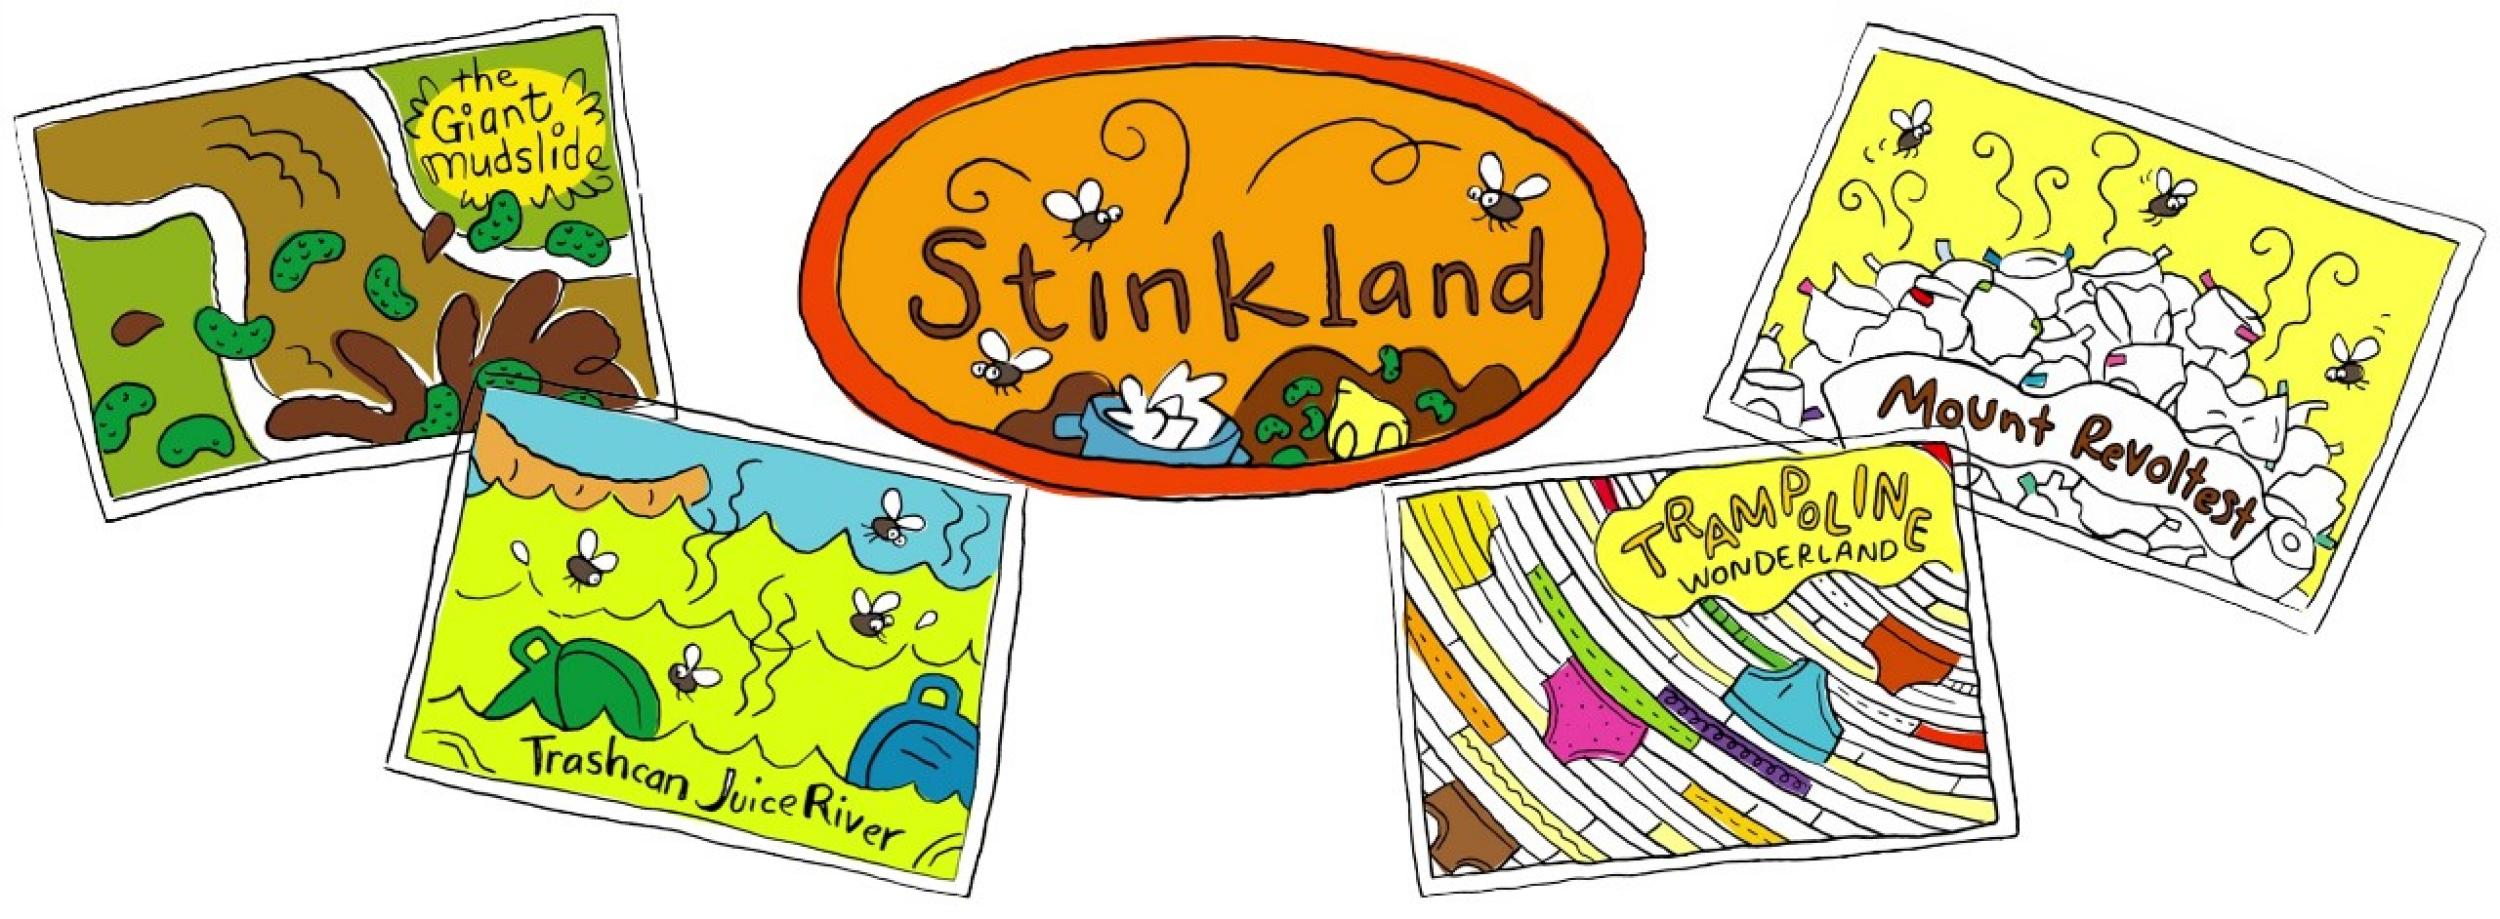 Stinkland